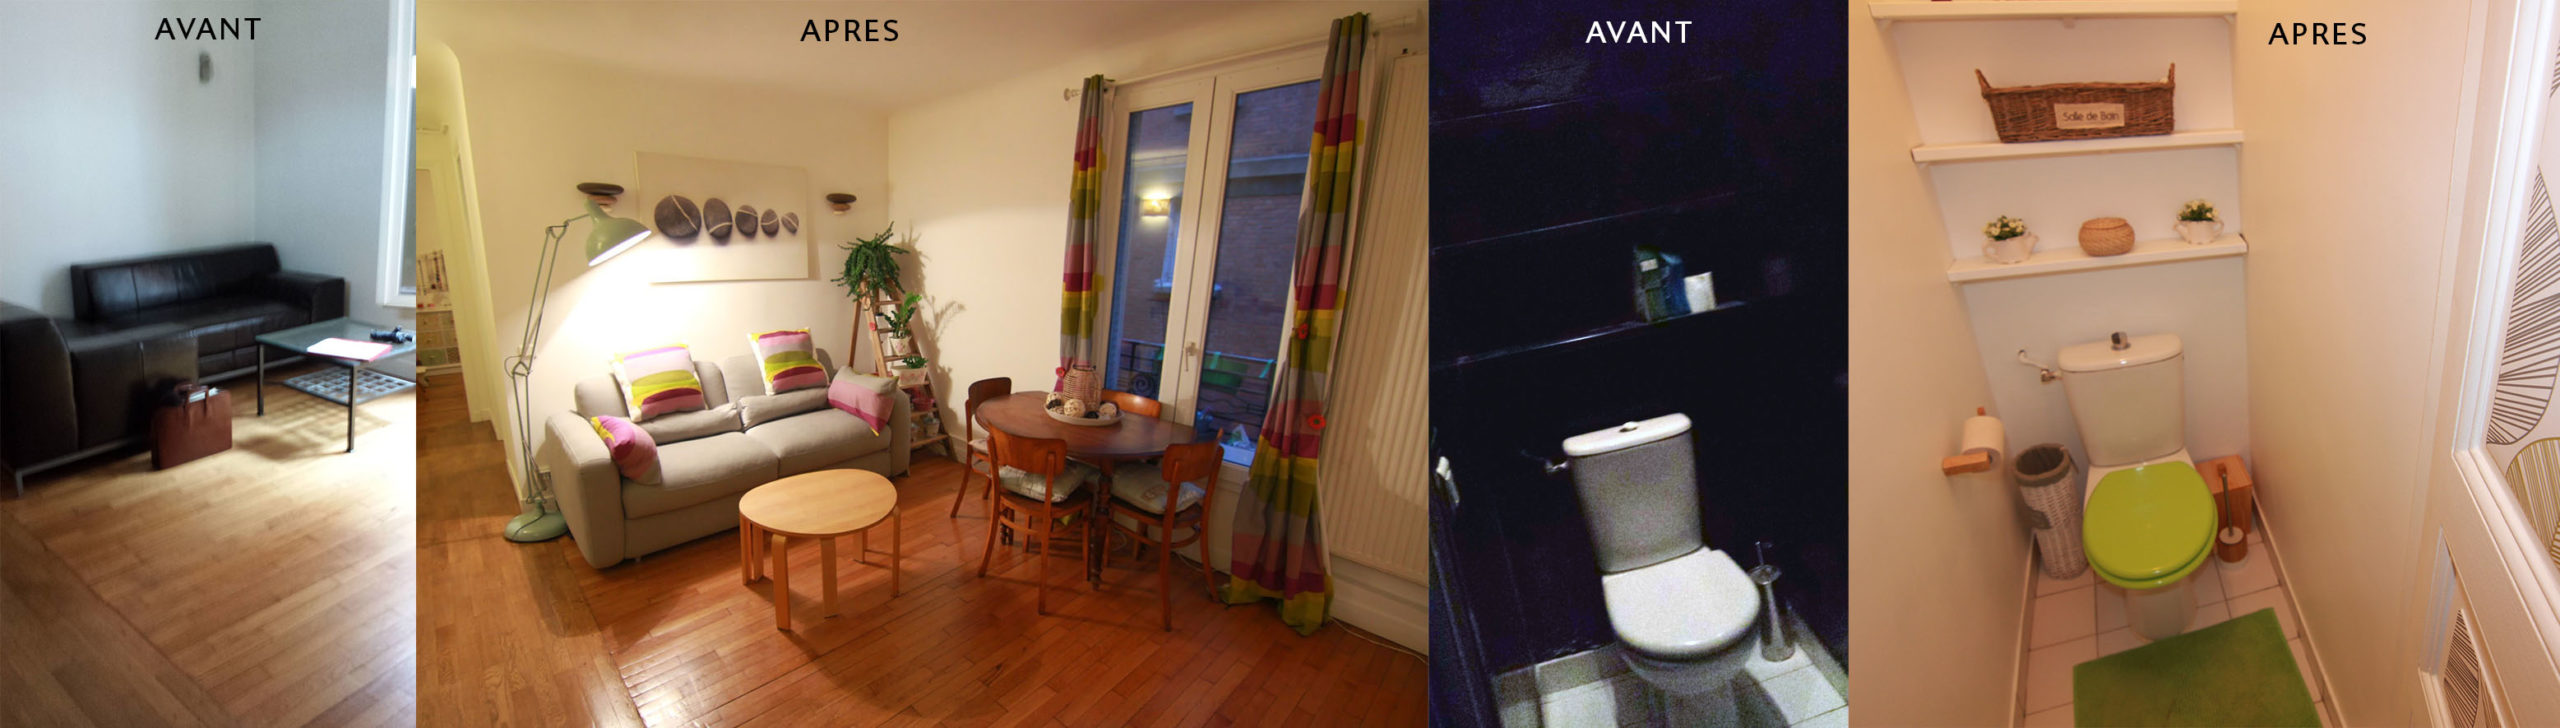 Home-staging d'un salon dans un appartement à Paris